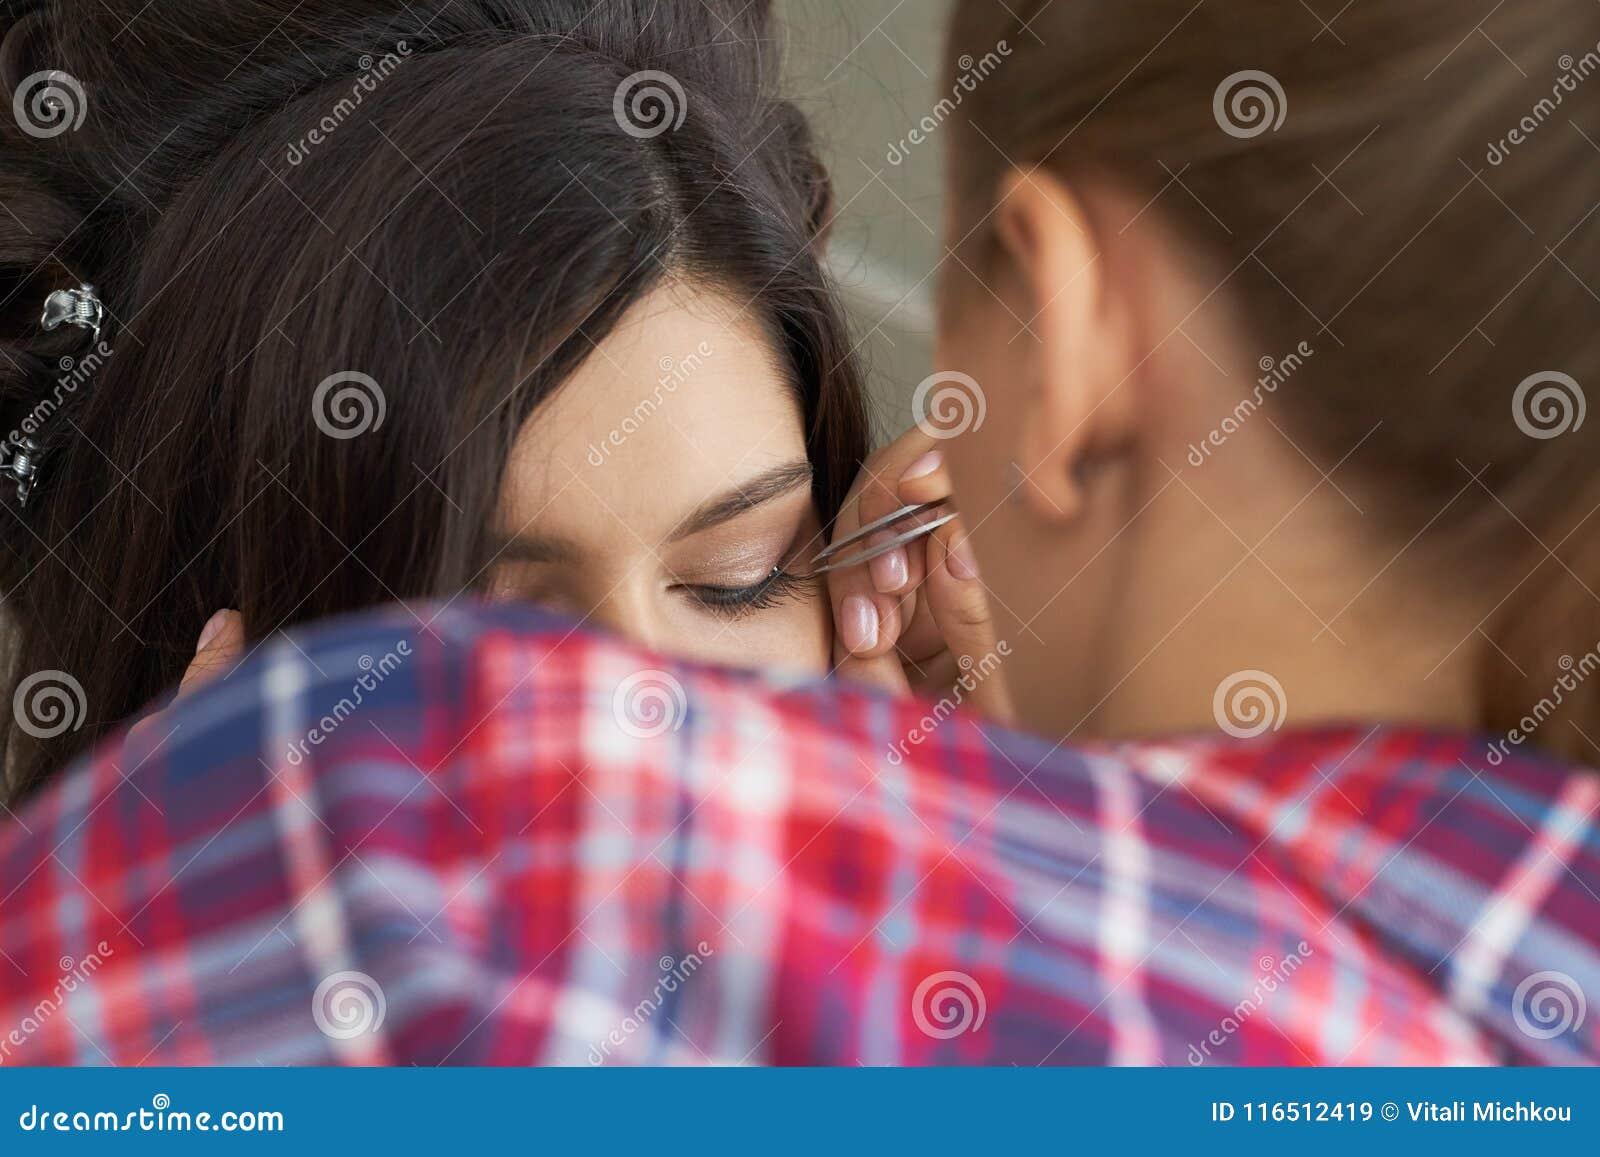 De procedure dichte omhooggaand van de wimperverwijdering Mooie Vrouw met lange zwepen in een schoonheidssalon Wimperuitbreiding